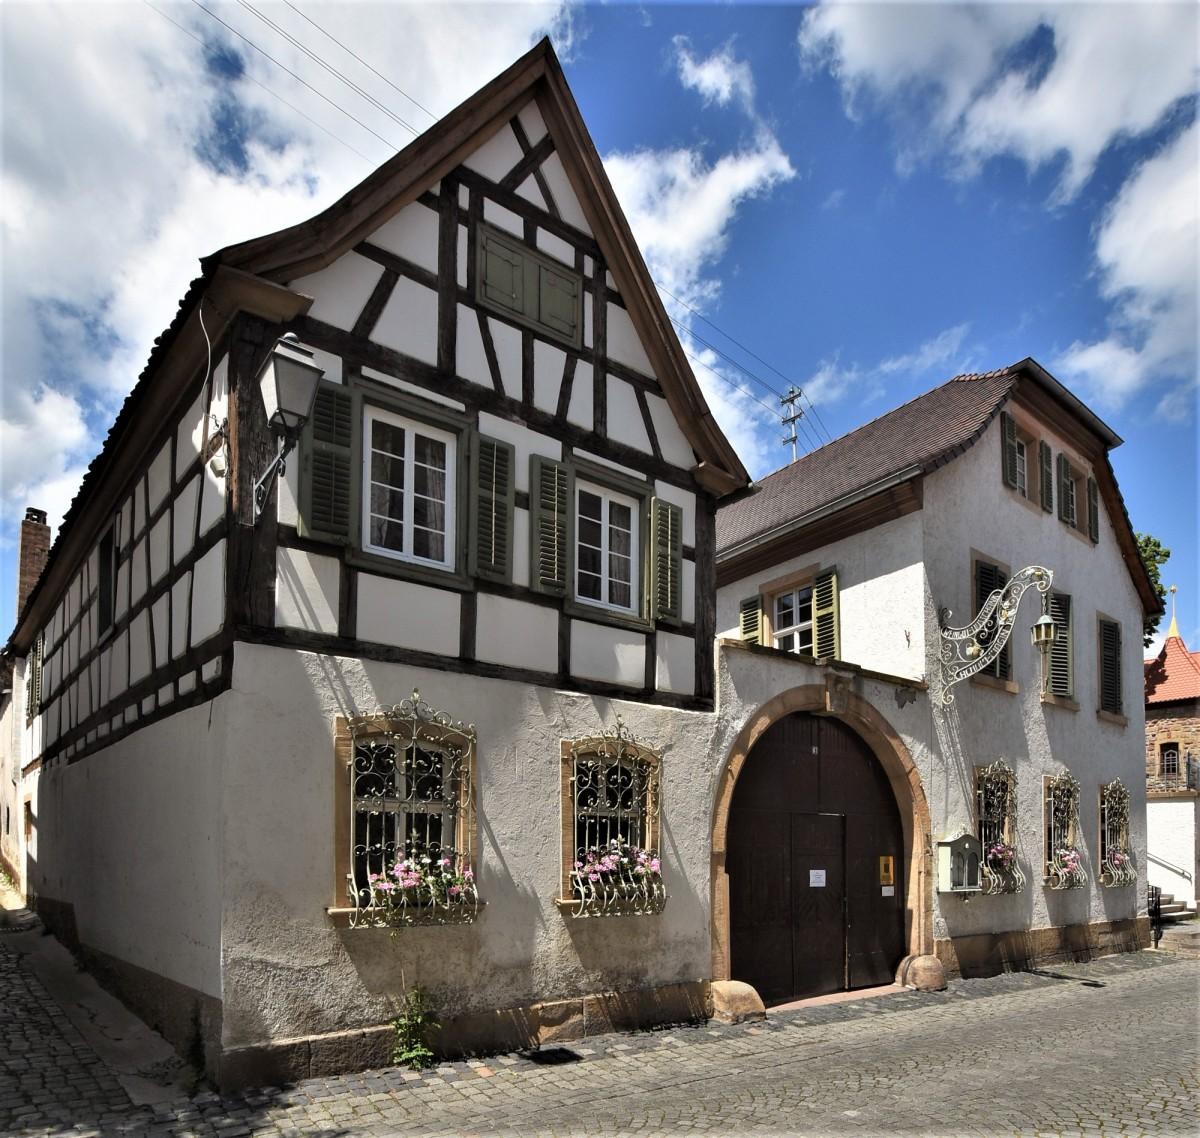 Zdjęcia: Forst an der Weinstrasse, Nadrenia Palatynat, Forst an der Weinstrasse, zakamarki, NIEMCY